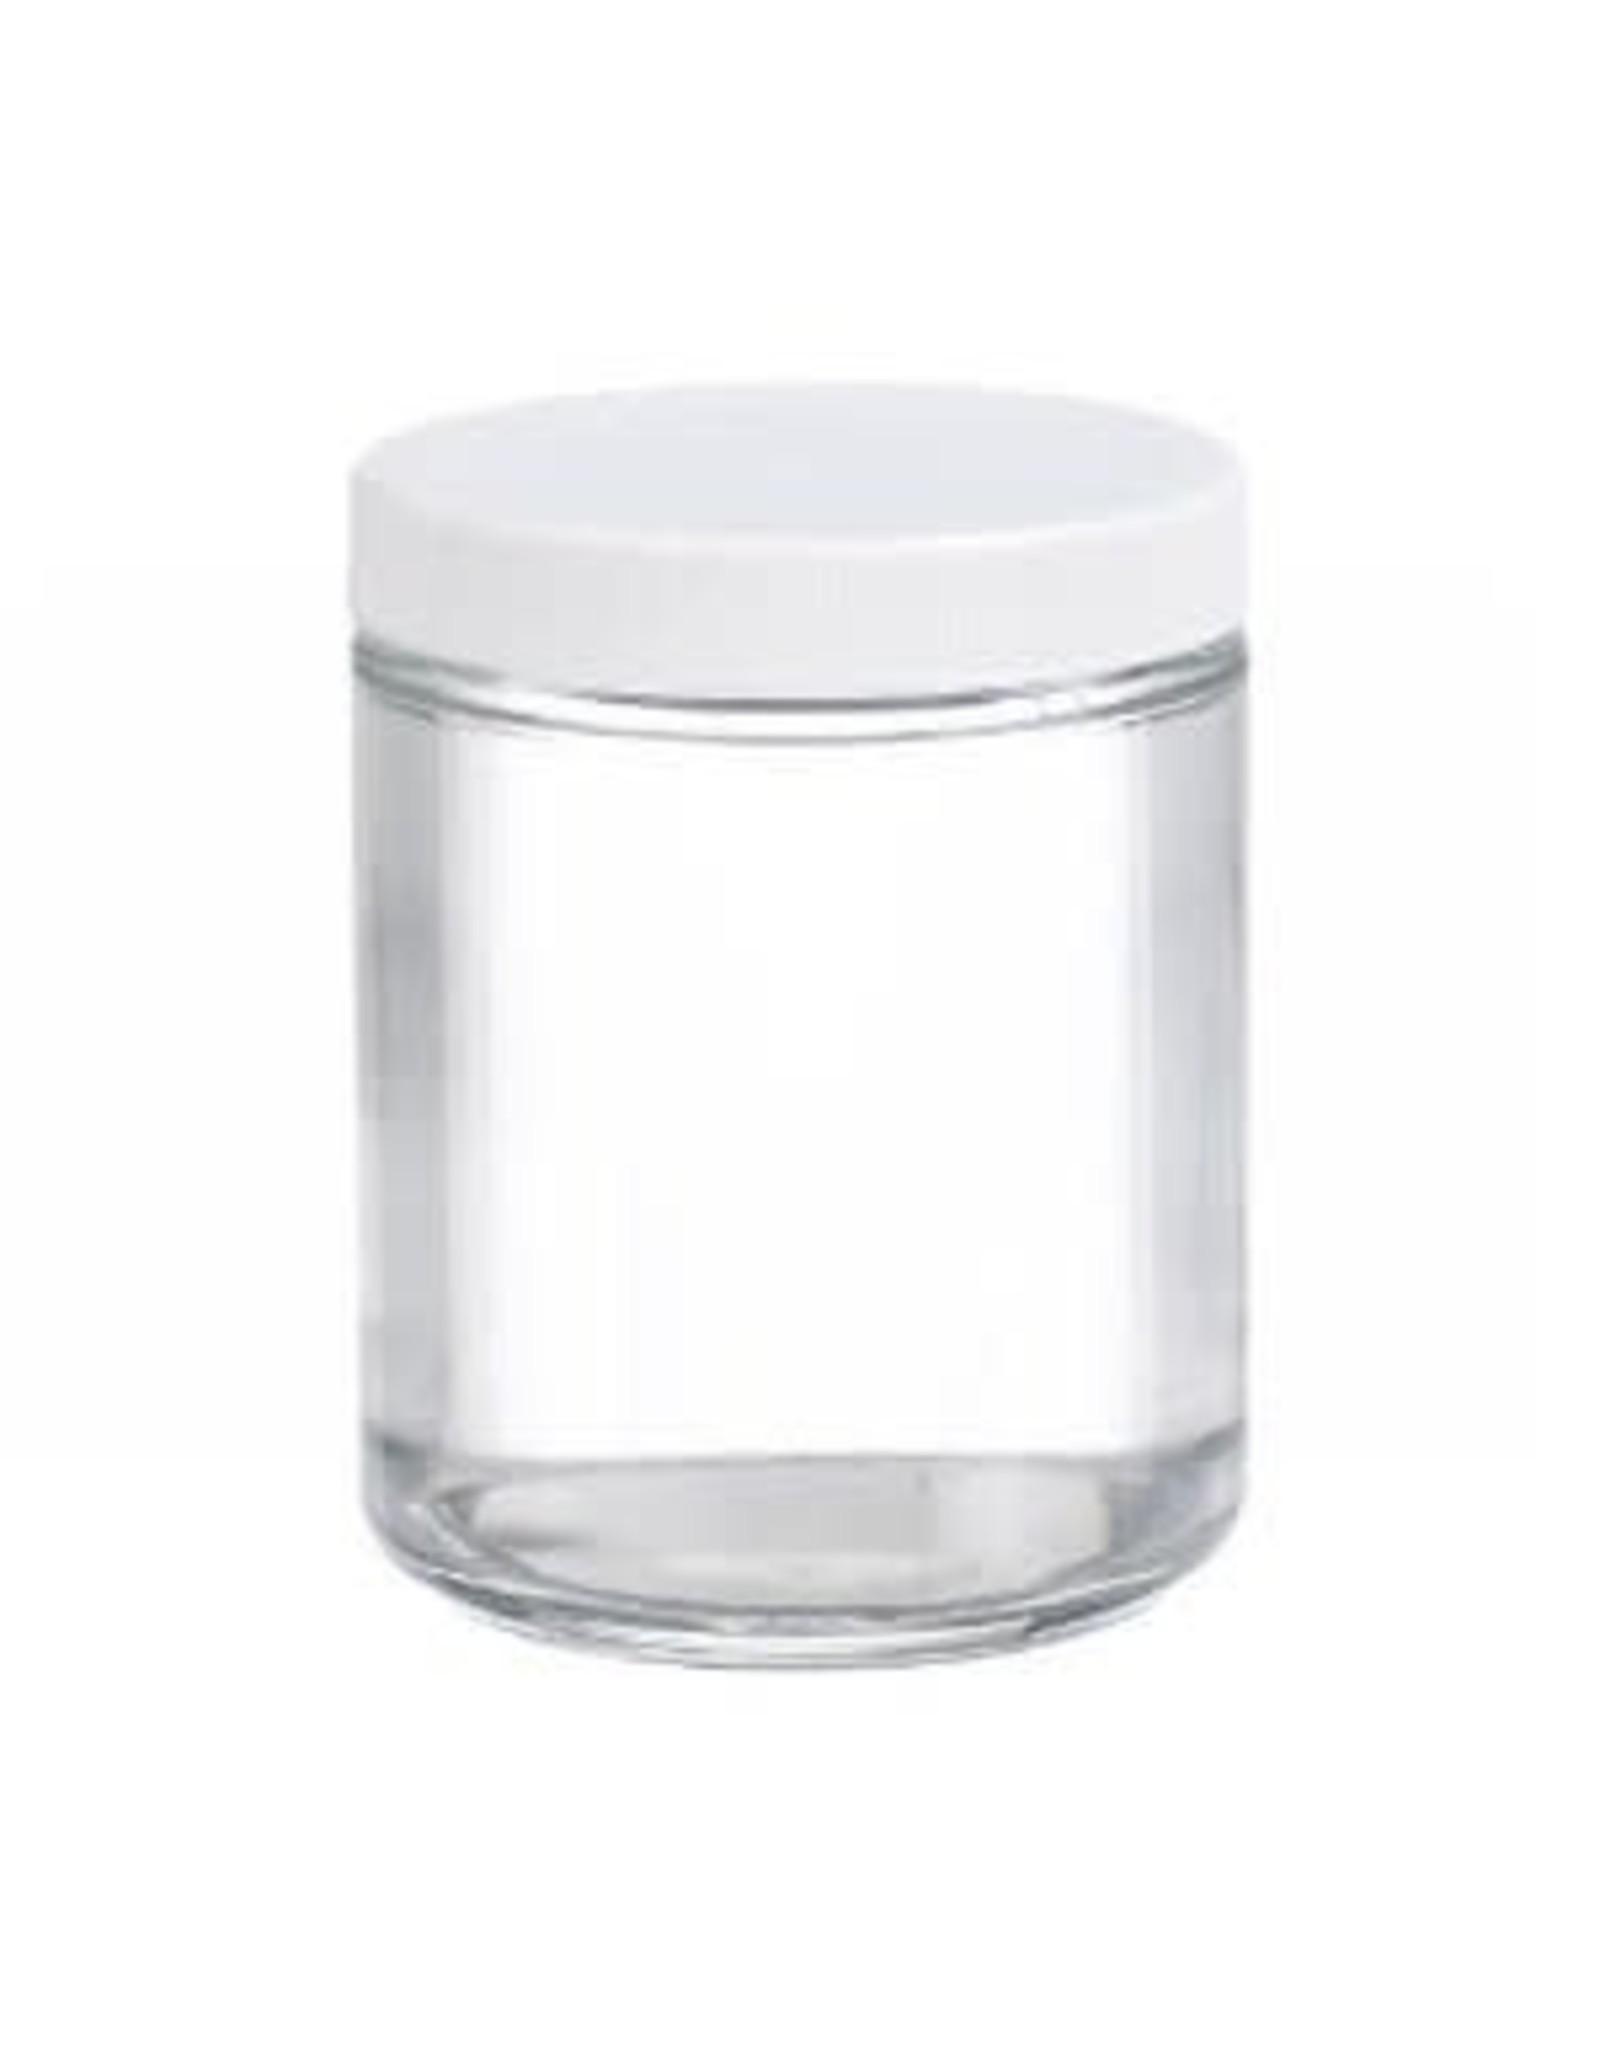 8 OZ GLASS JAR W/ PLASTIC LID